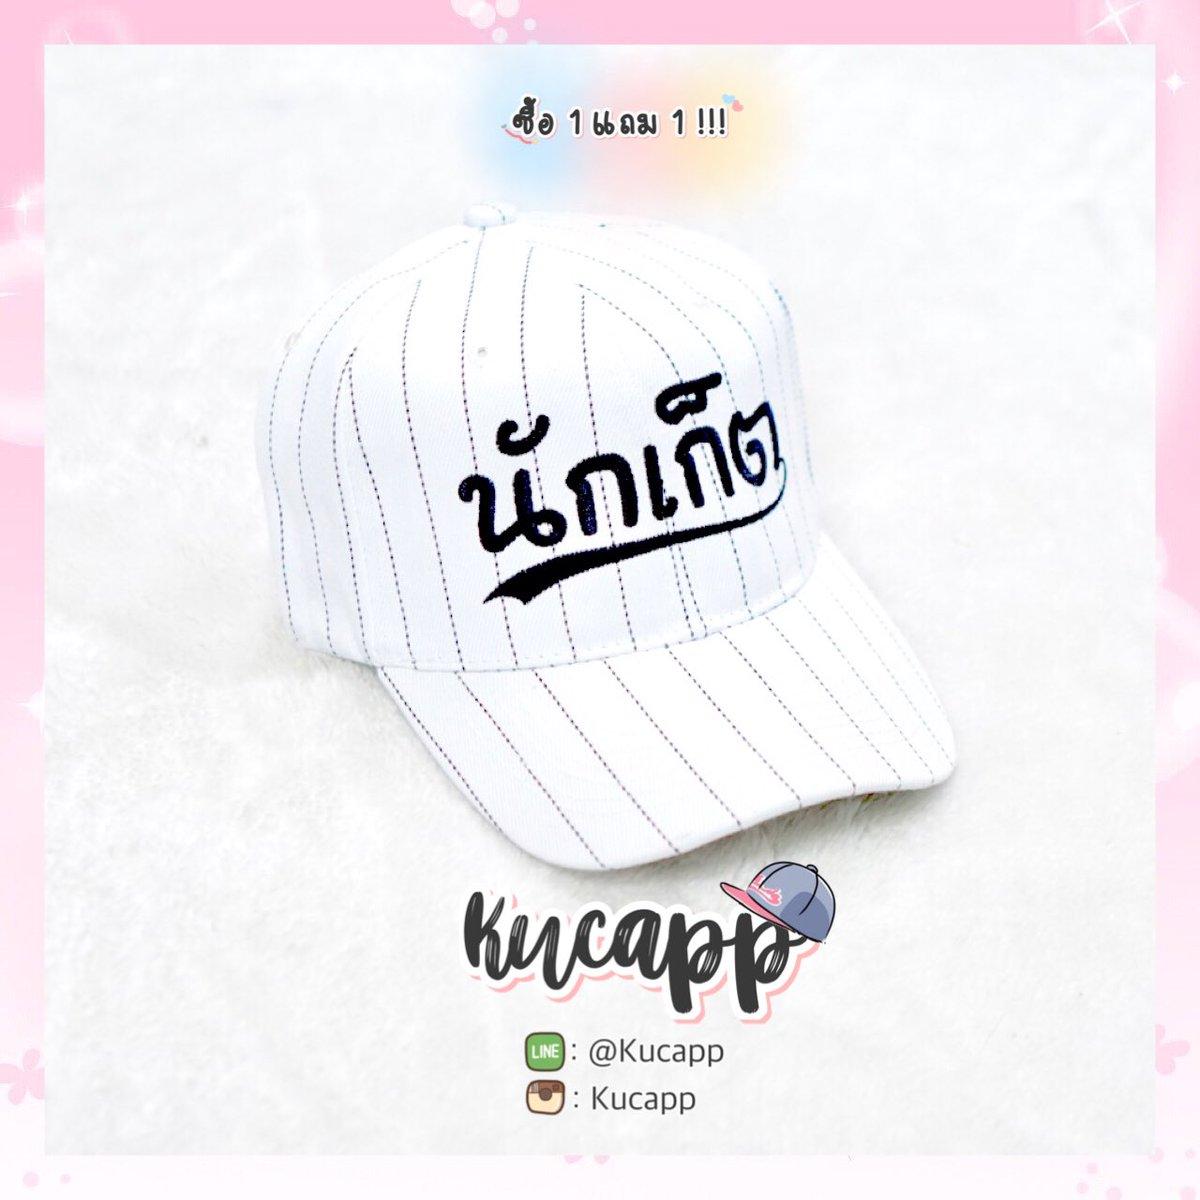 ...  หมวกคู่  หมวกตาข่ายปักชื่อ  หมวกผ้าปักชื่อ  หมวกผ้า  หมวกปักสวยๆ   หมวกแก๊ป  หมวกแจก  หมวกแจกพนักงาน  หมวกทีม   ของขวัญปีใหม่pic.twitter.com uiDiKwLrvm 9253f0759232